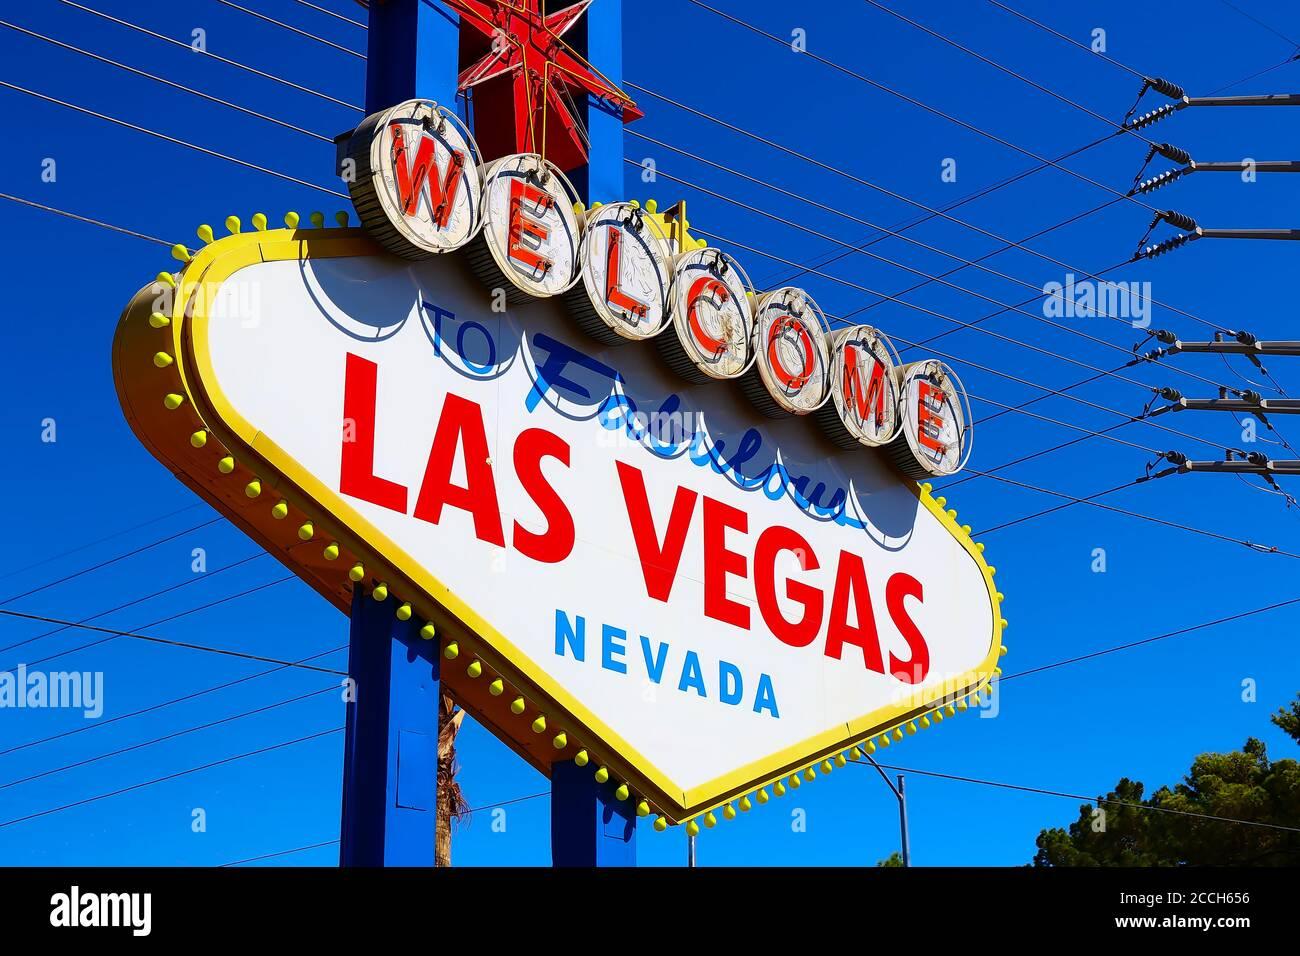 Le panneau Bienvenue à Las Vegas fabuleux le jour ensoleillé à Las Vegas.Bienvenue à ne jamais dormir ville Las Vegas, Nevada signe avec le coeur de Las Vegas Banque D'Images